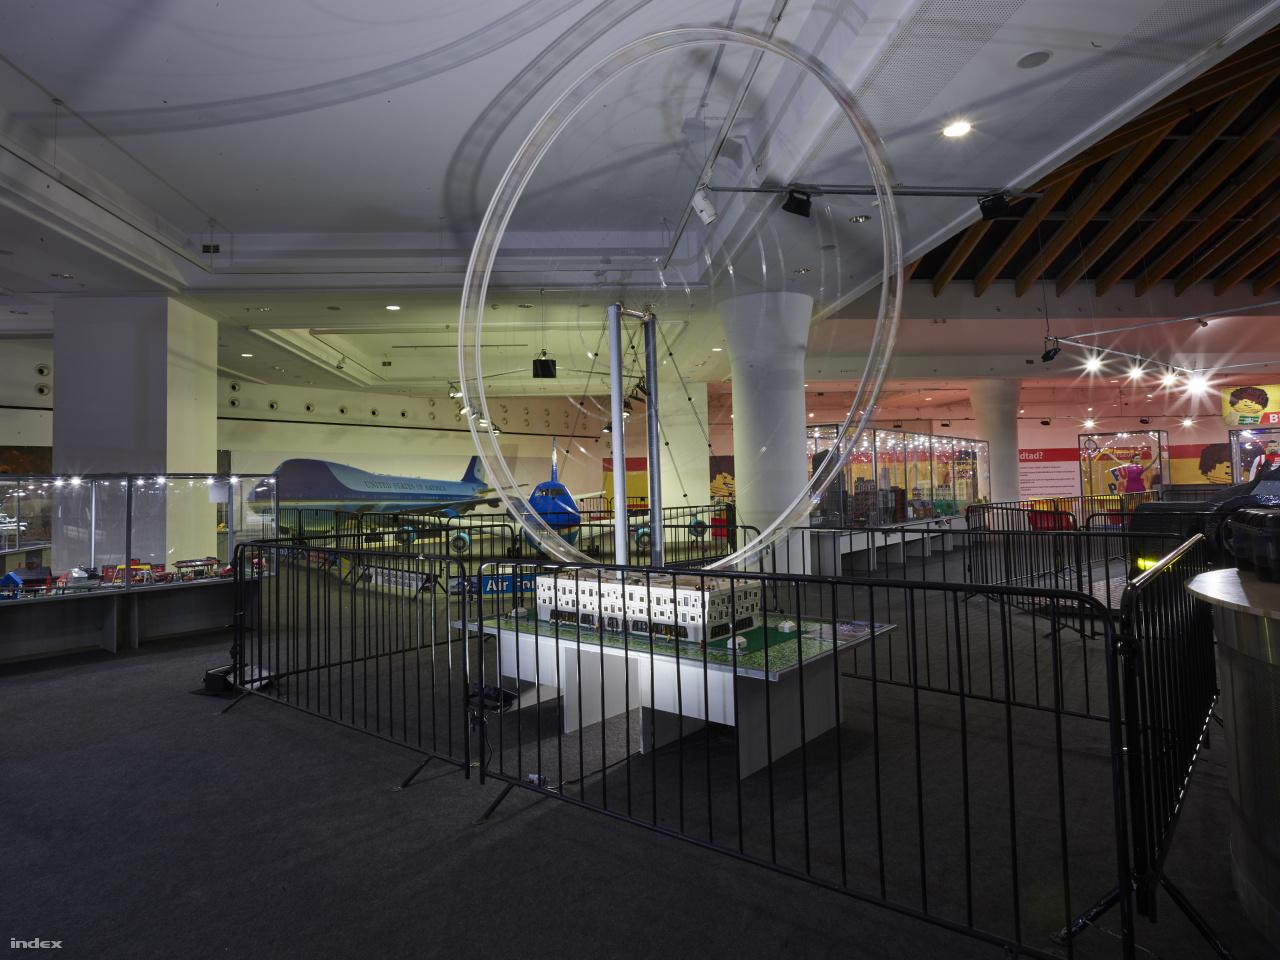 A világ legnagyobb Lego kockákból épített, működőképes óriáskereke is látható a kiállításon. 4 méter magas, teljes mértékben Lego-elemekből készült (beleértve a kerék küllőit is), a kerékben sincs semmilyen merevítő szerkezet, a meghajtó motor is Lego-gyártmány. Ha minden jól megy, rekorderként bekerül az idei Guinness rekordok könyvébe.